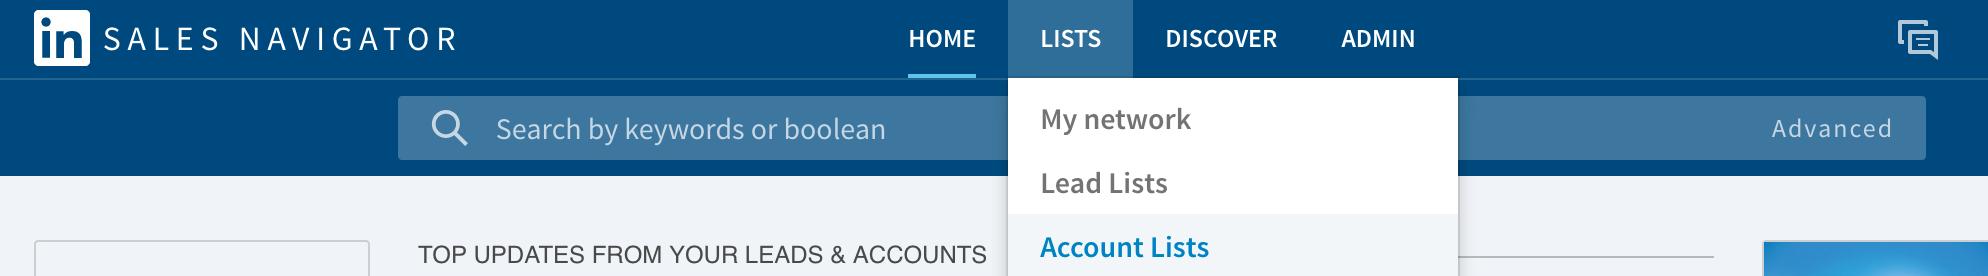 linkedin_sales_navigator